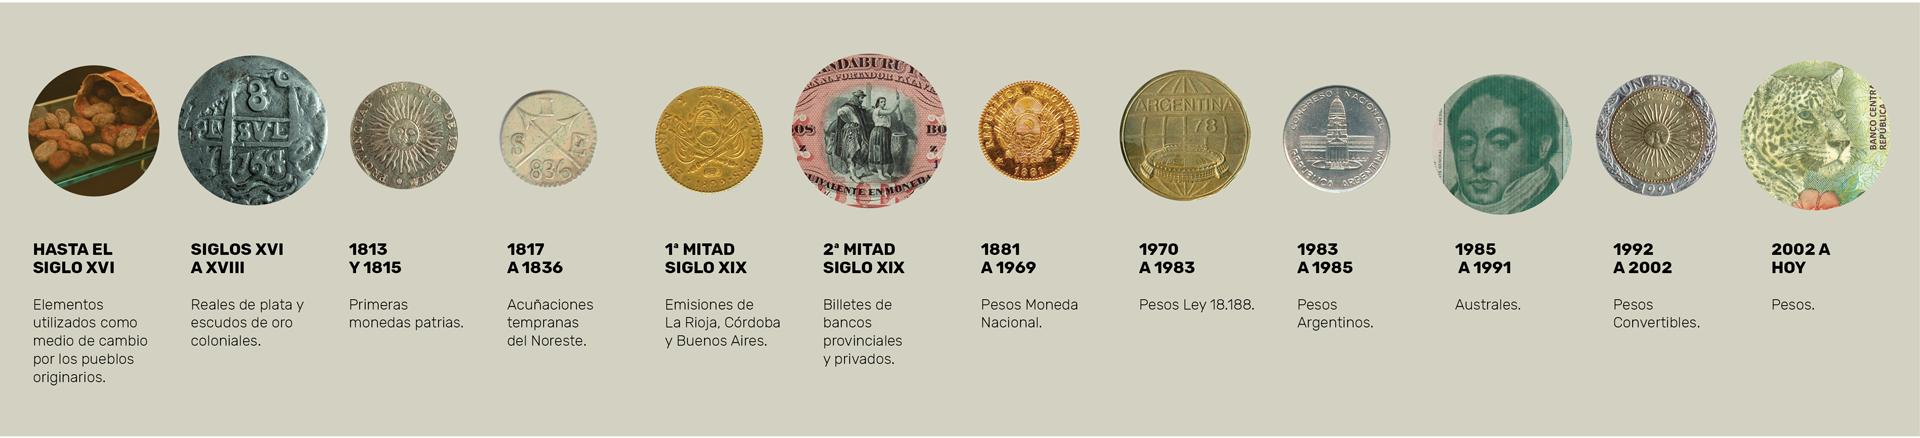 La moneda argentina a lo largo de su historia